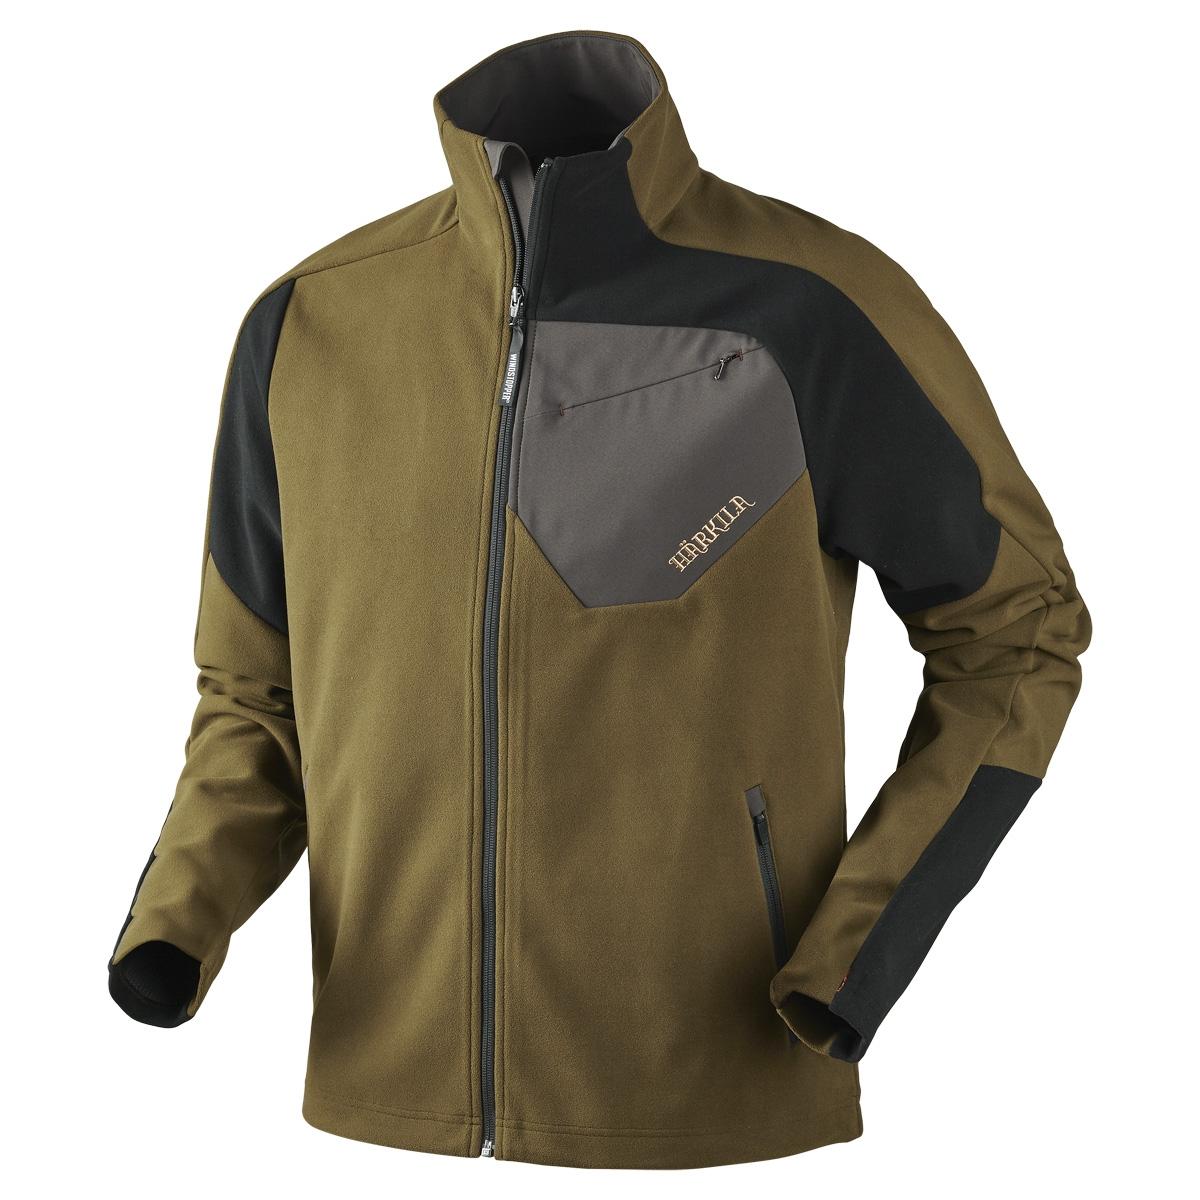 Harkila Thor Fleece Jacket - Olive Green / Black | Uttings.co.uk